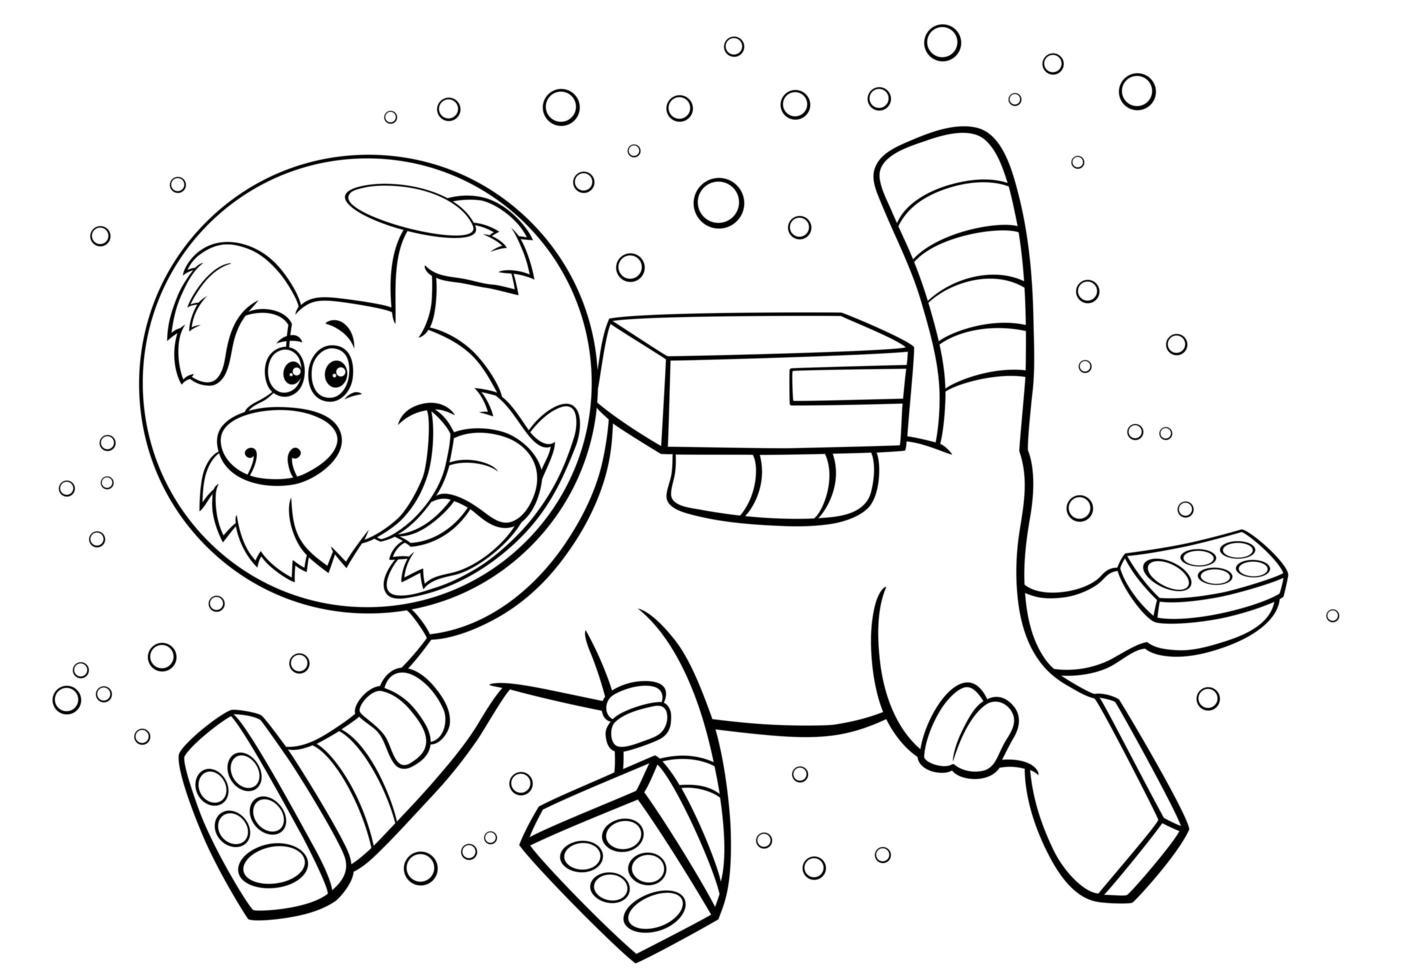 tecknad hund i rymden karaktär målarbok sida vektor